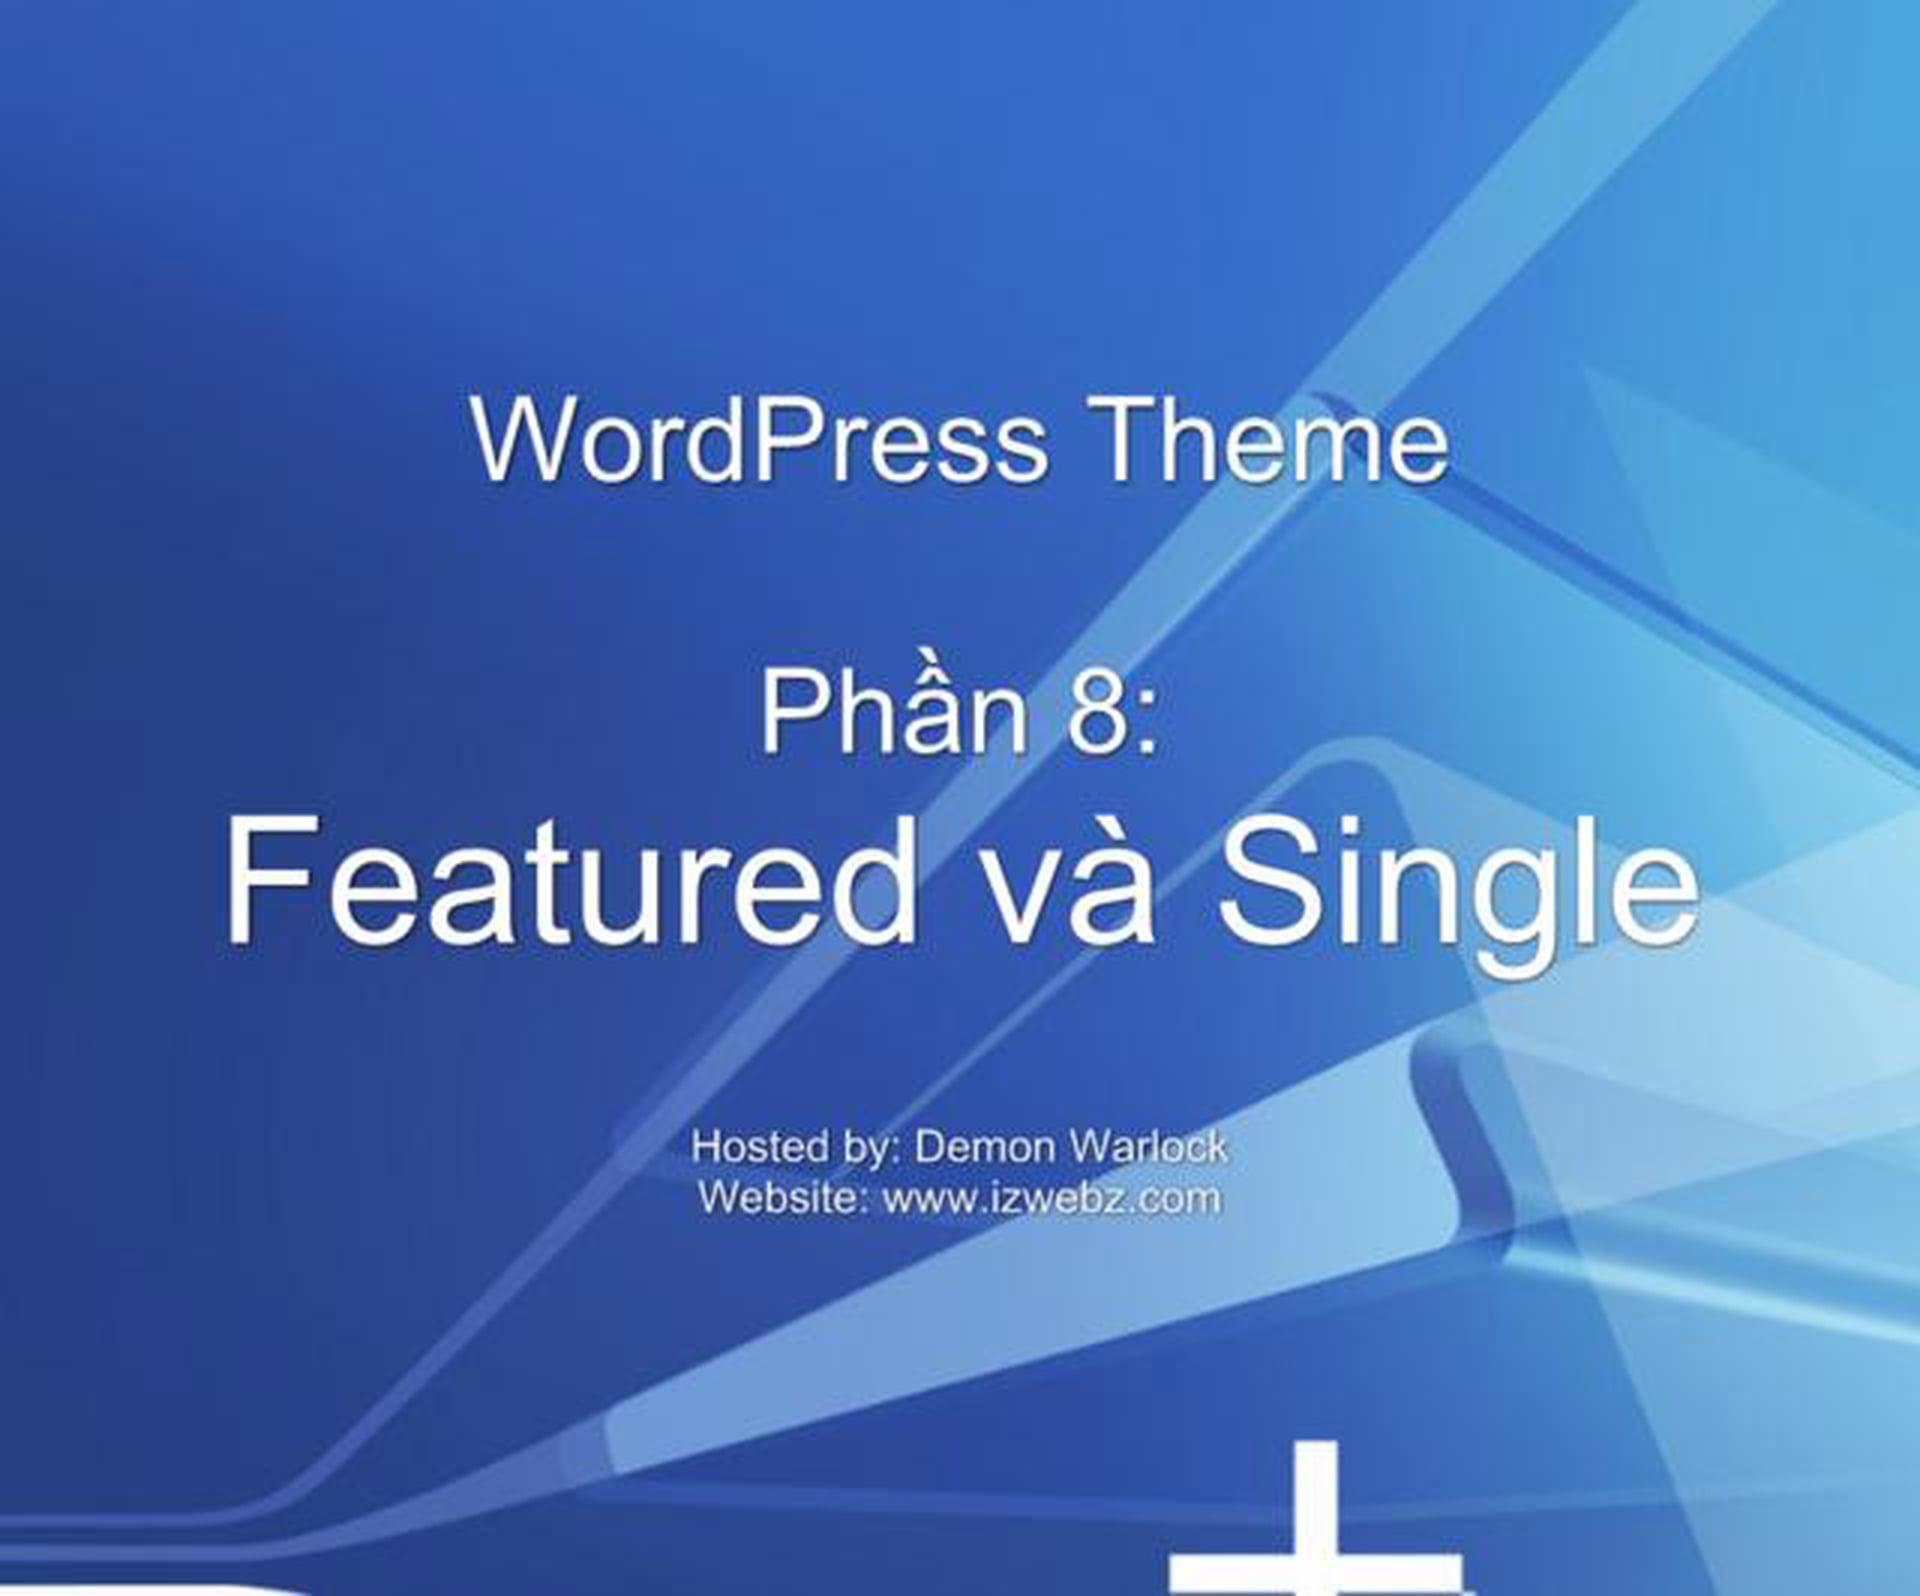 WordPress Theme – Single Page